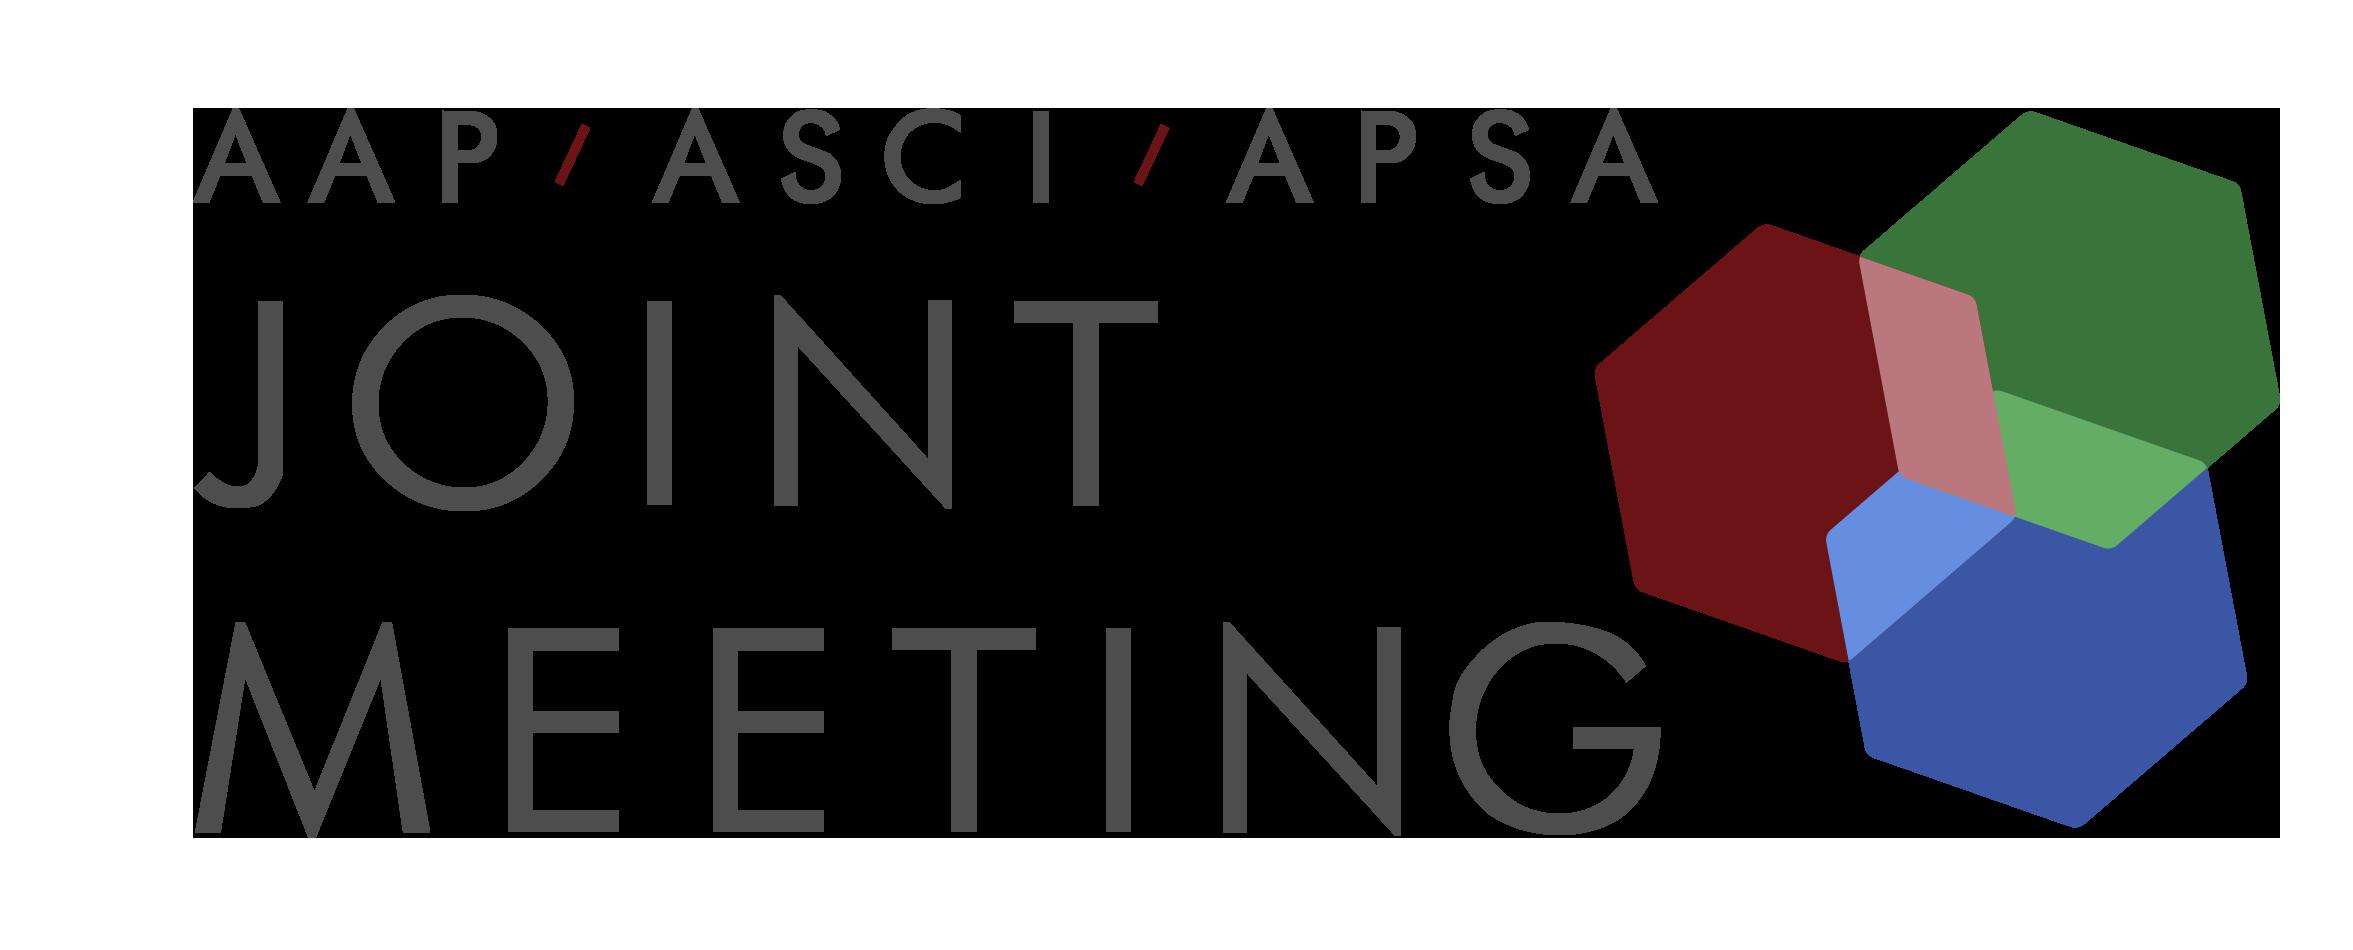 AAP:ASCI meeting